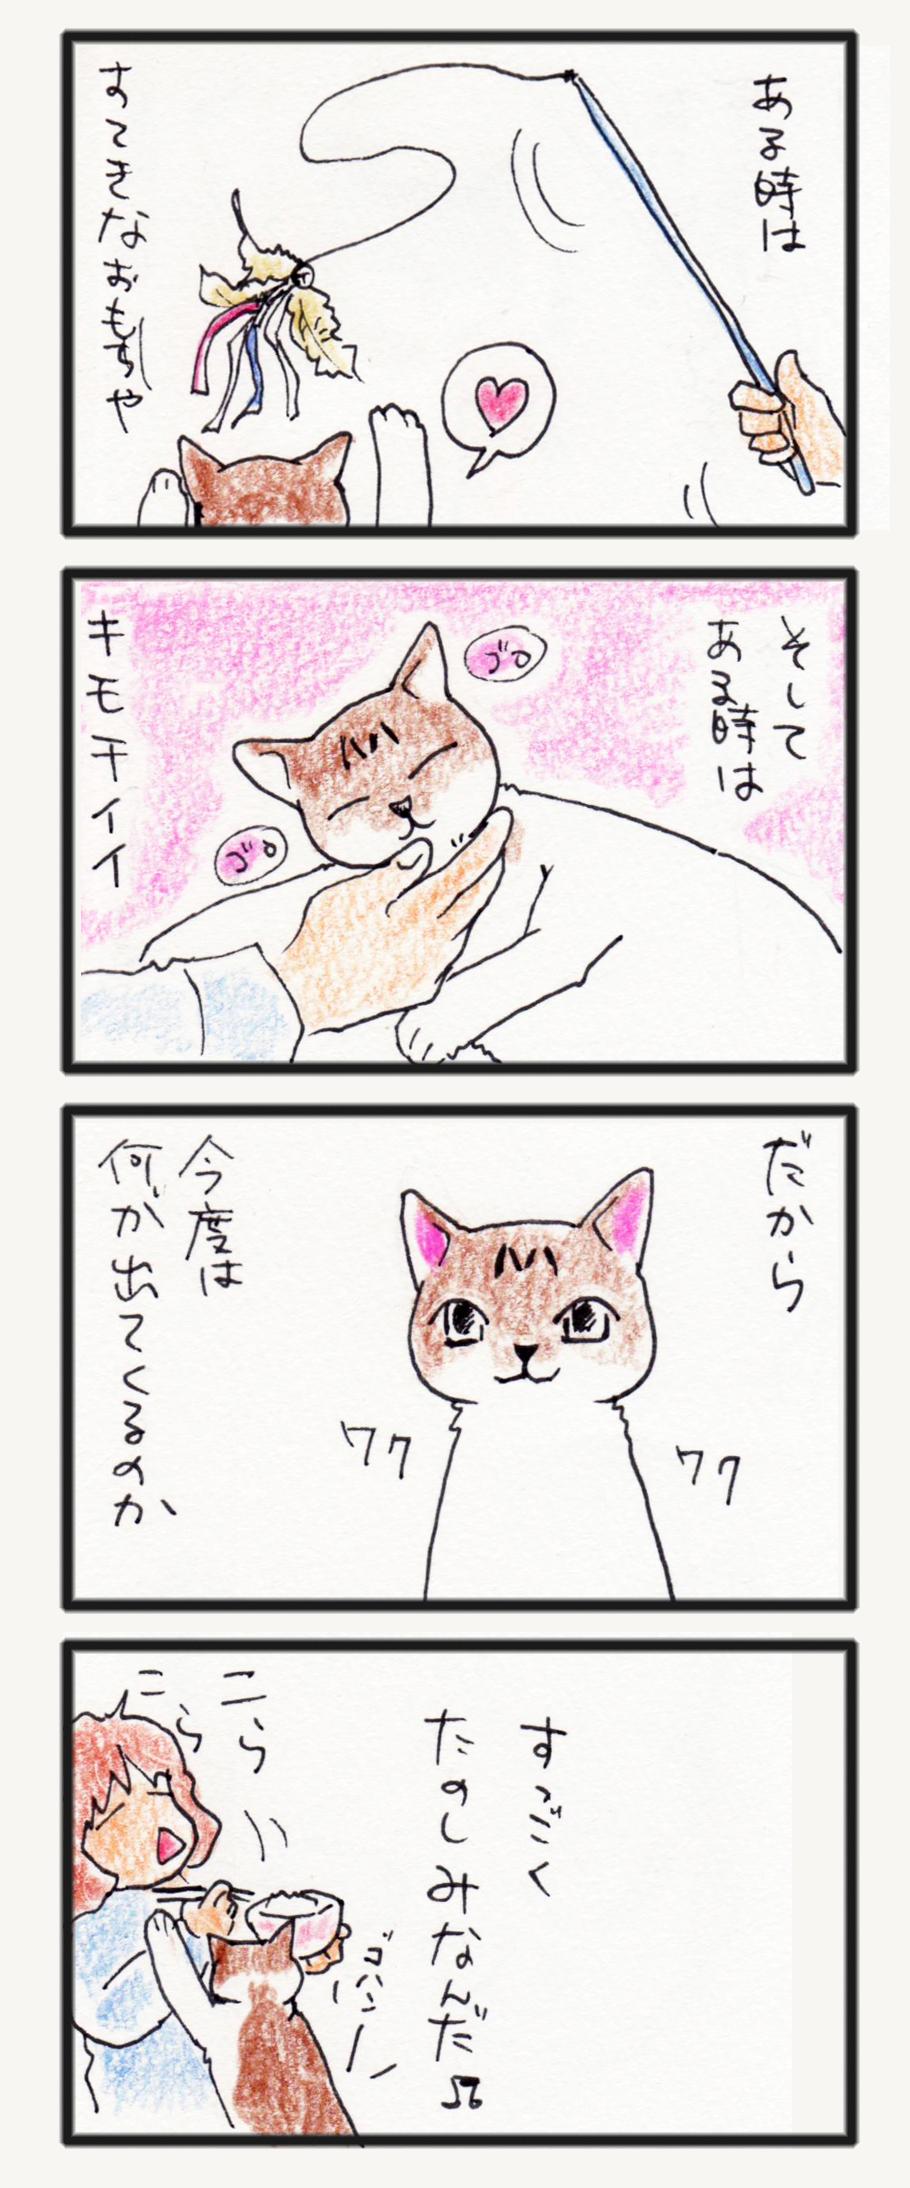 comic_4c_14050302.jpg